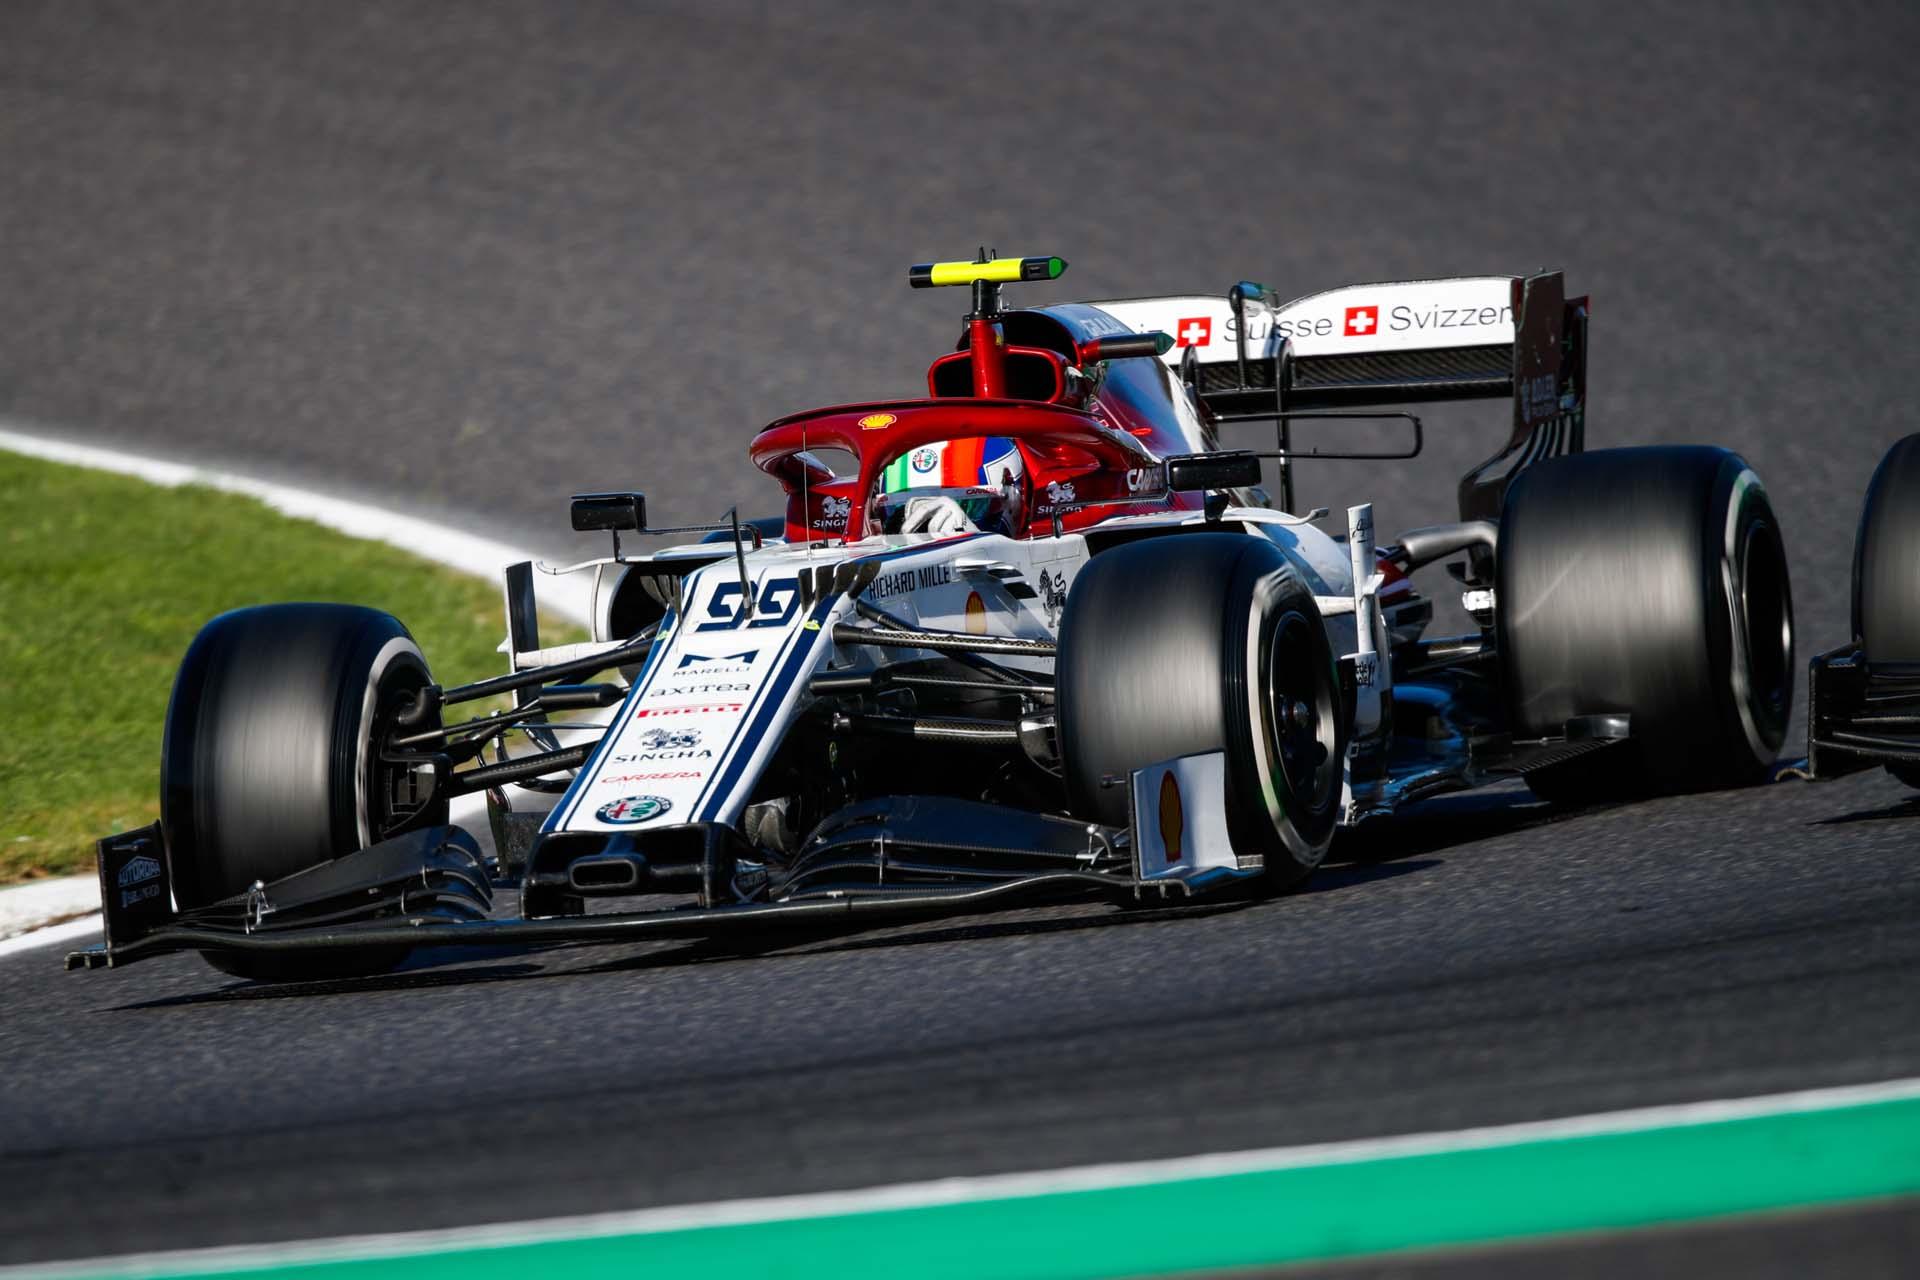 F1 - JAPAN GRAND PRIX 2019